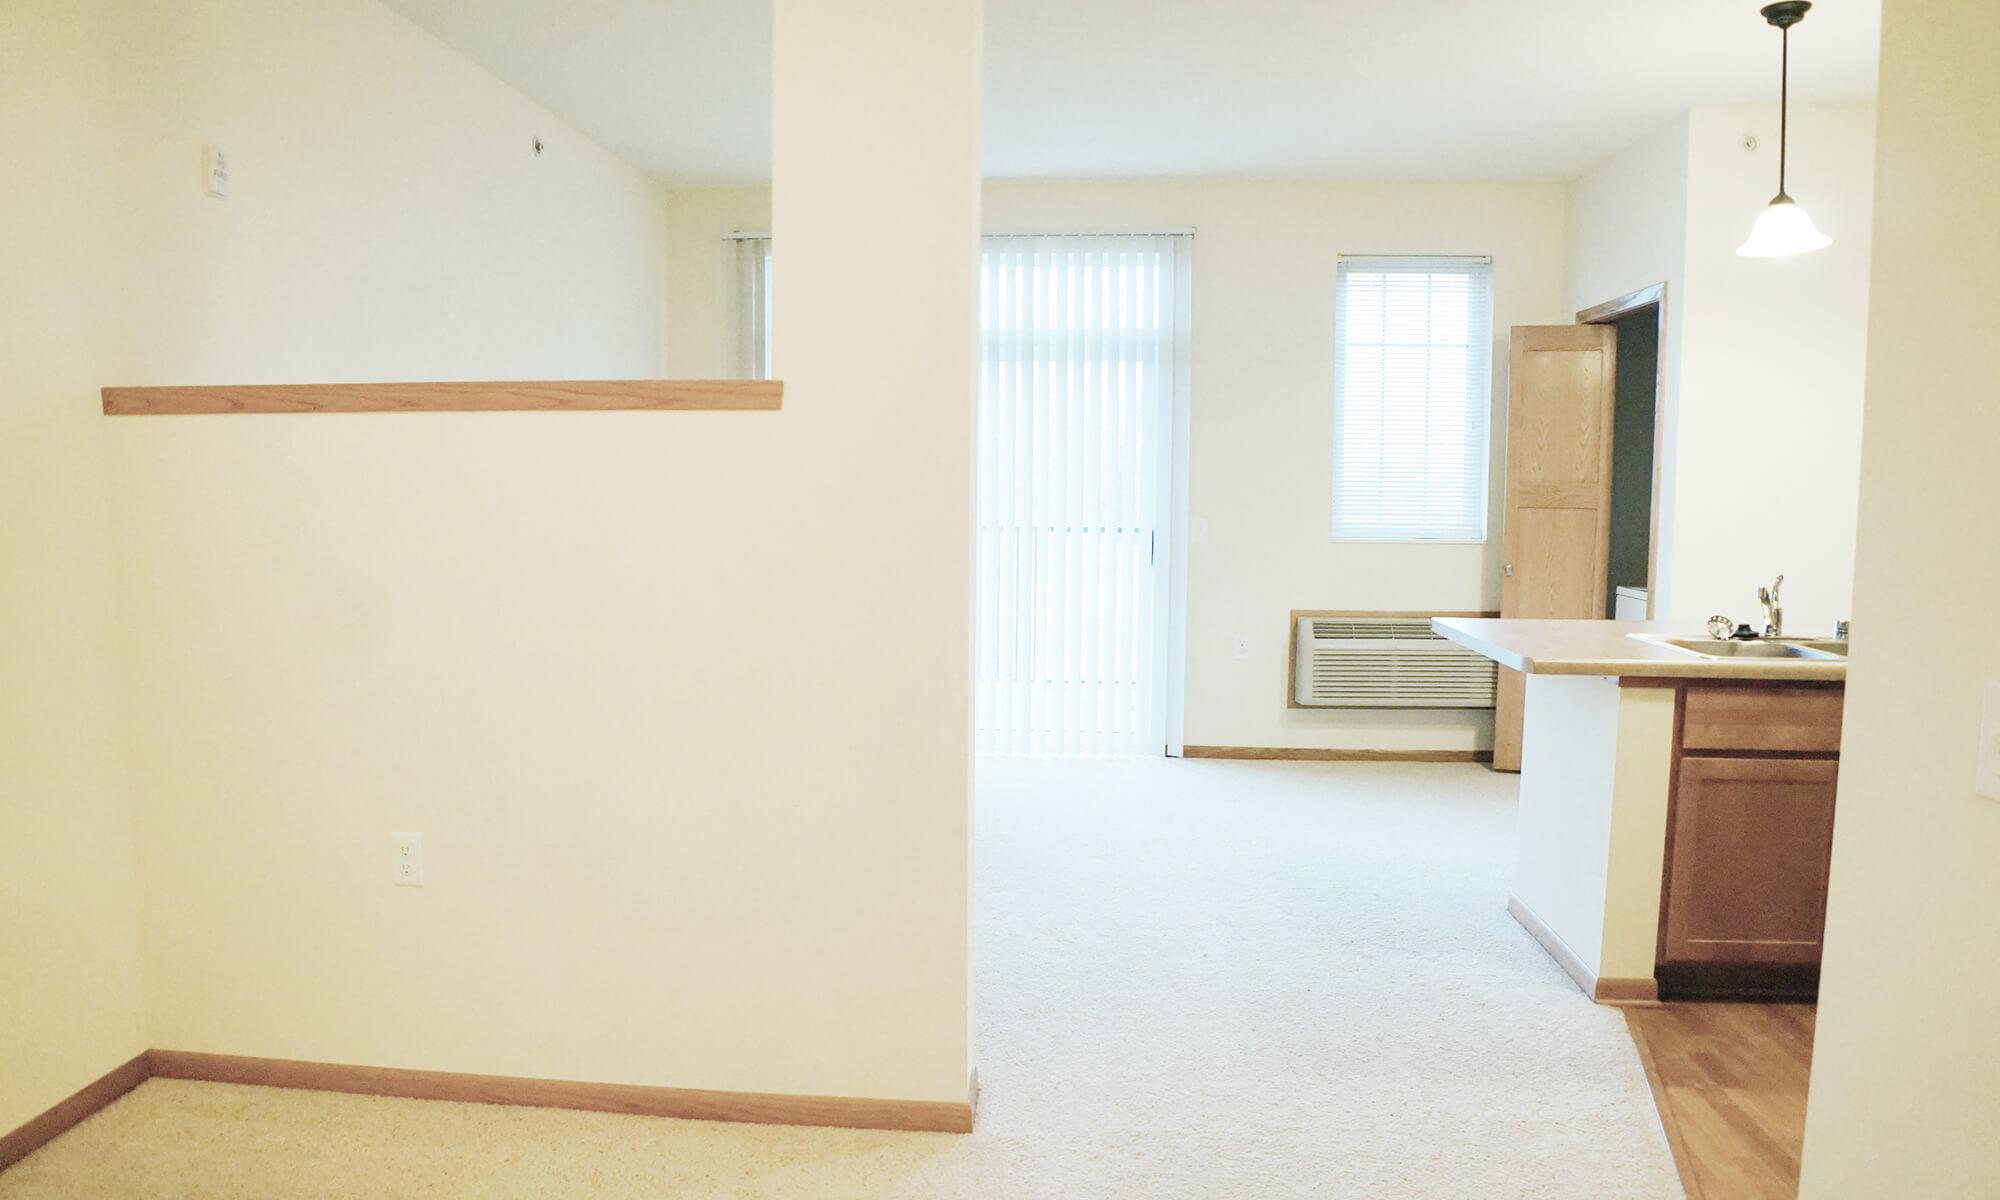 Bedroom Space (1)_dec 2019